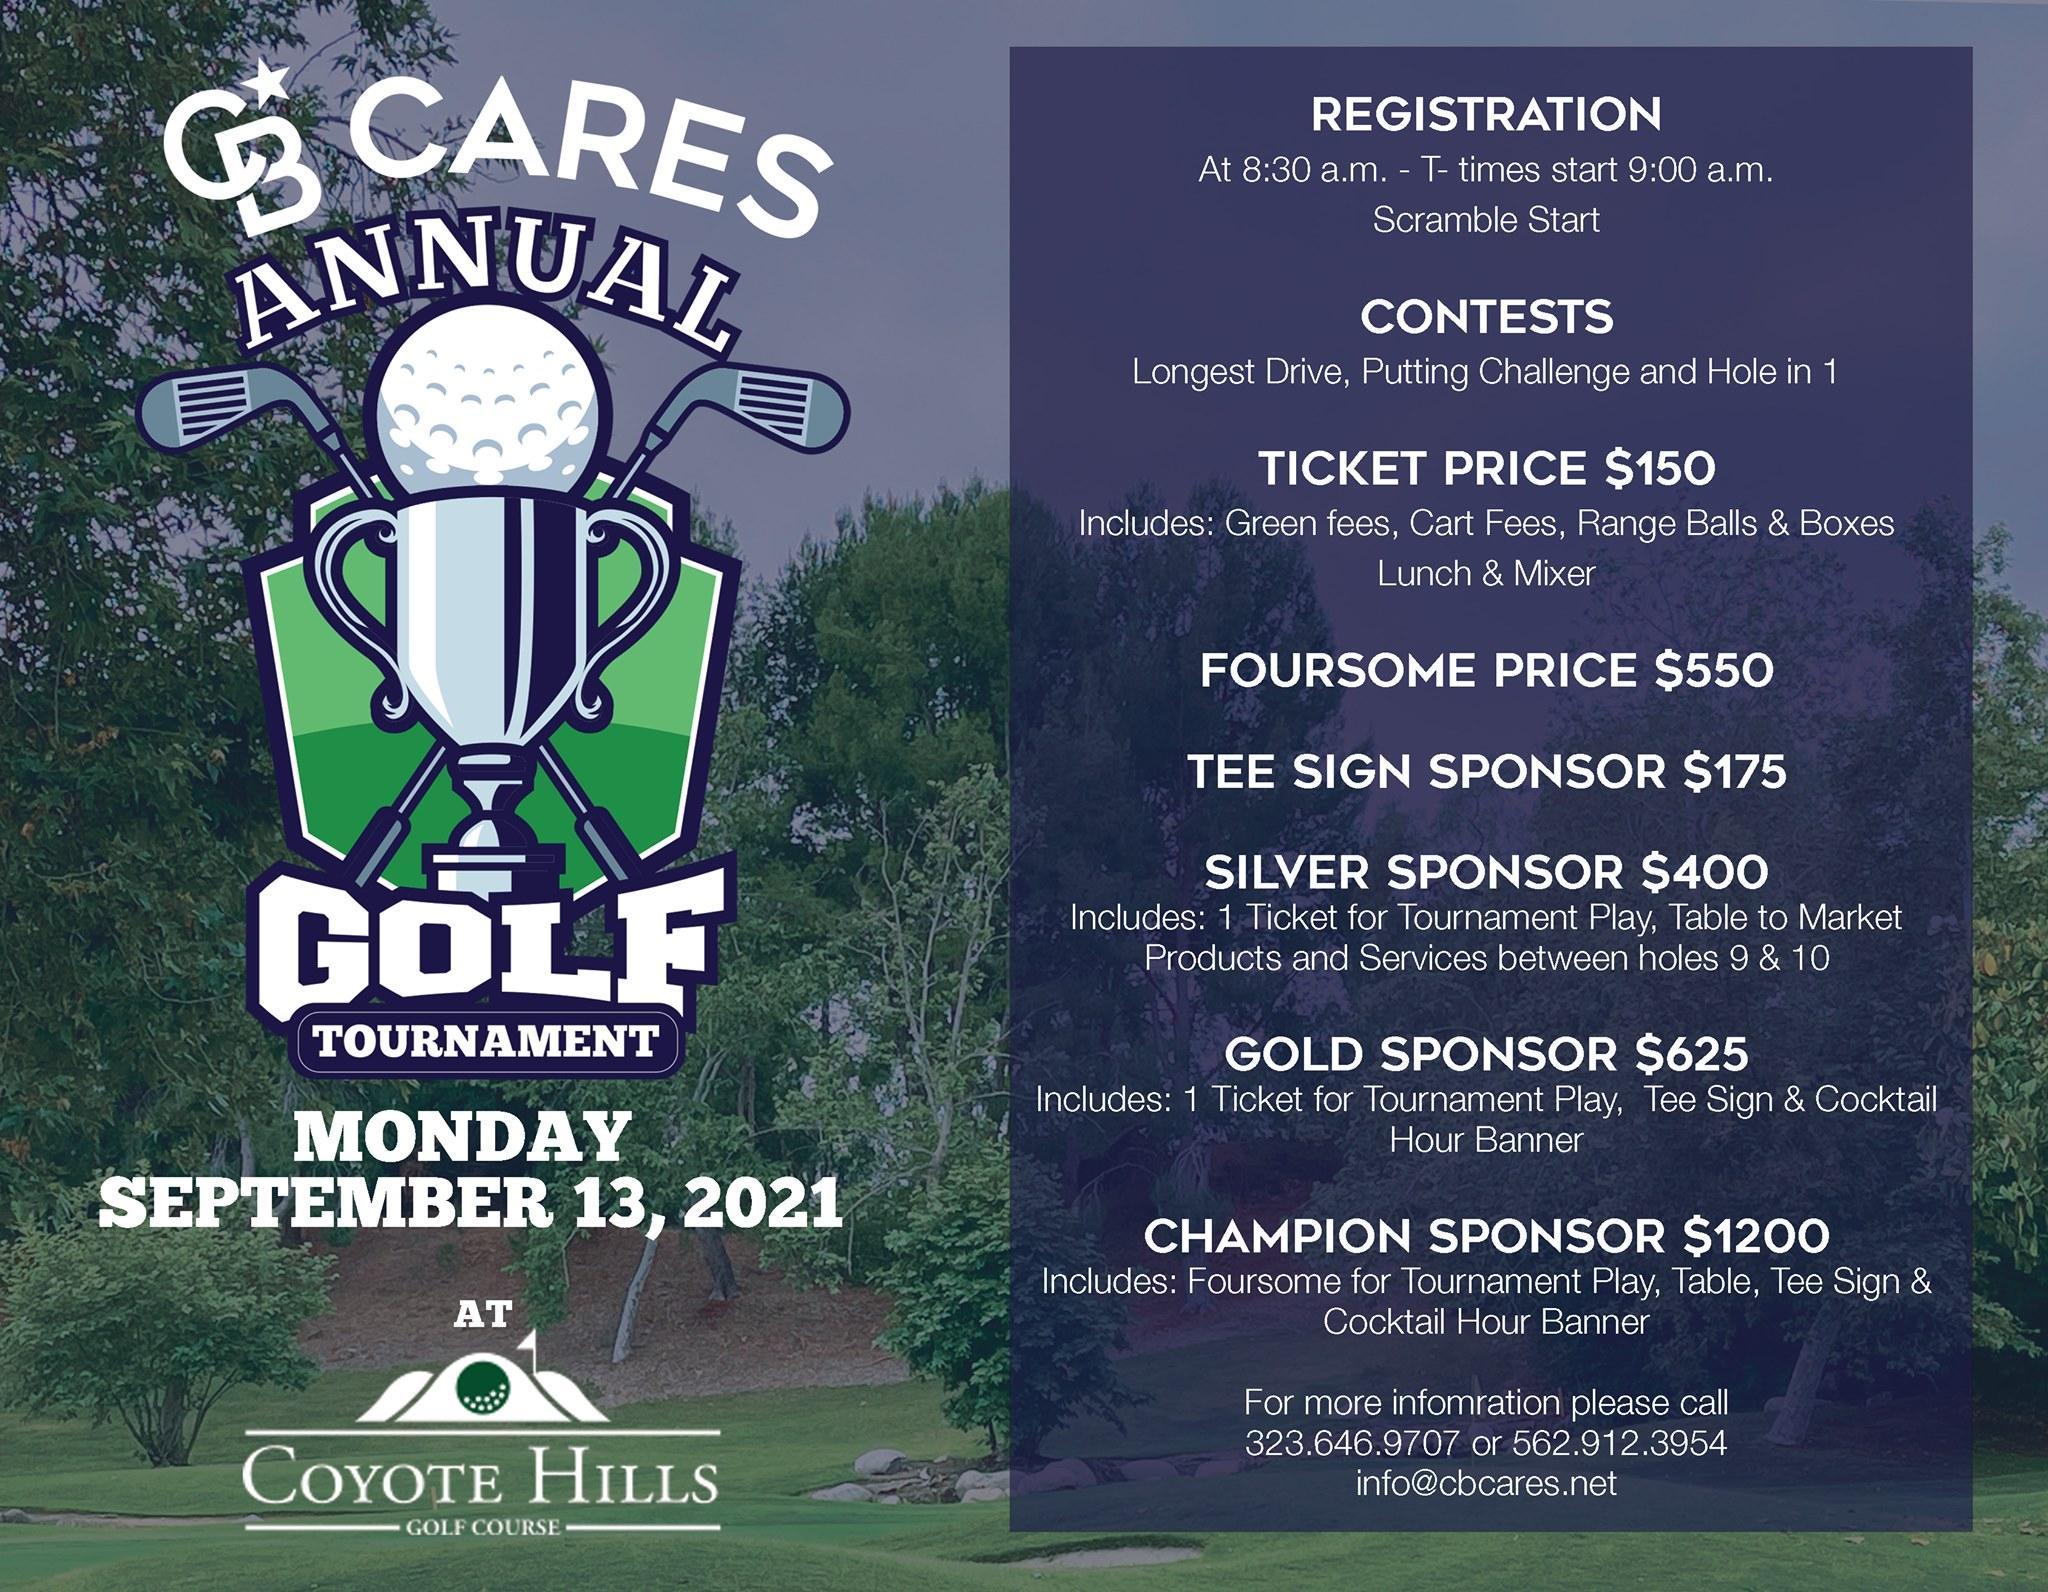 CB Cares Annual Golf Tournament